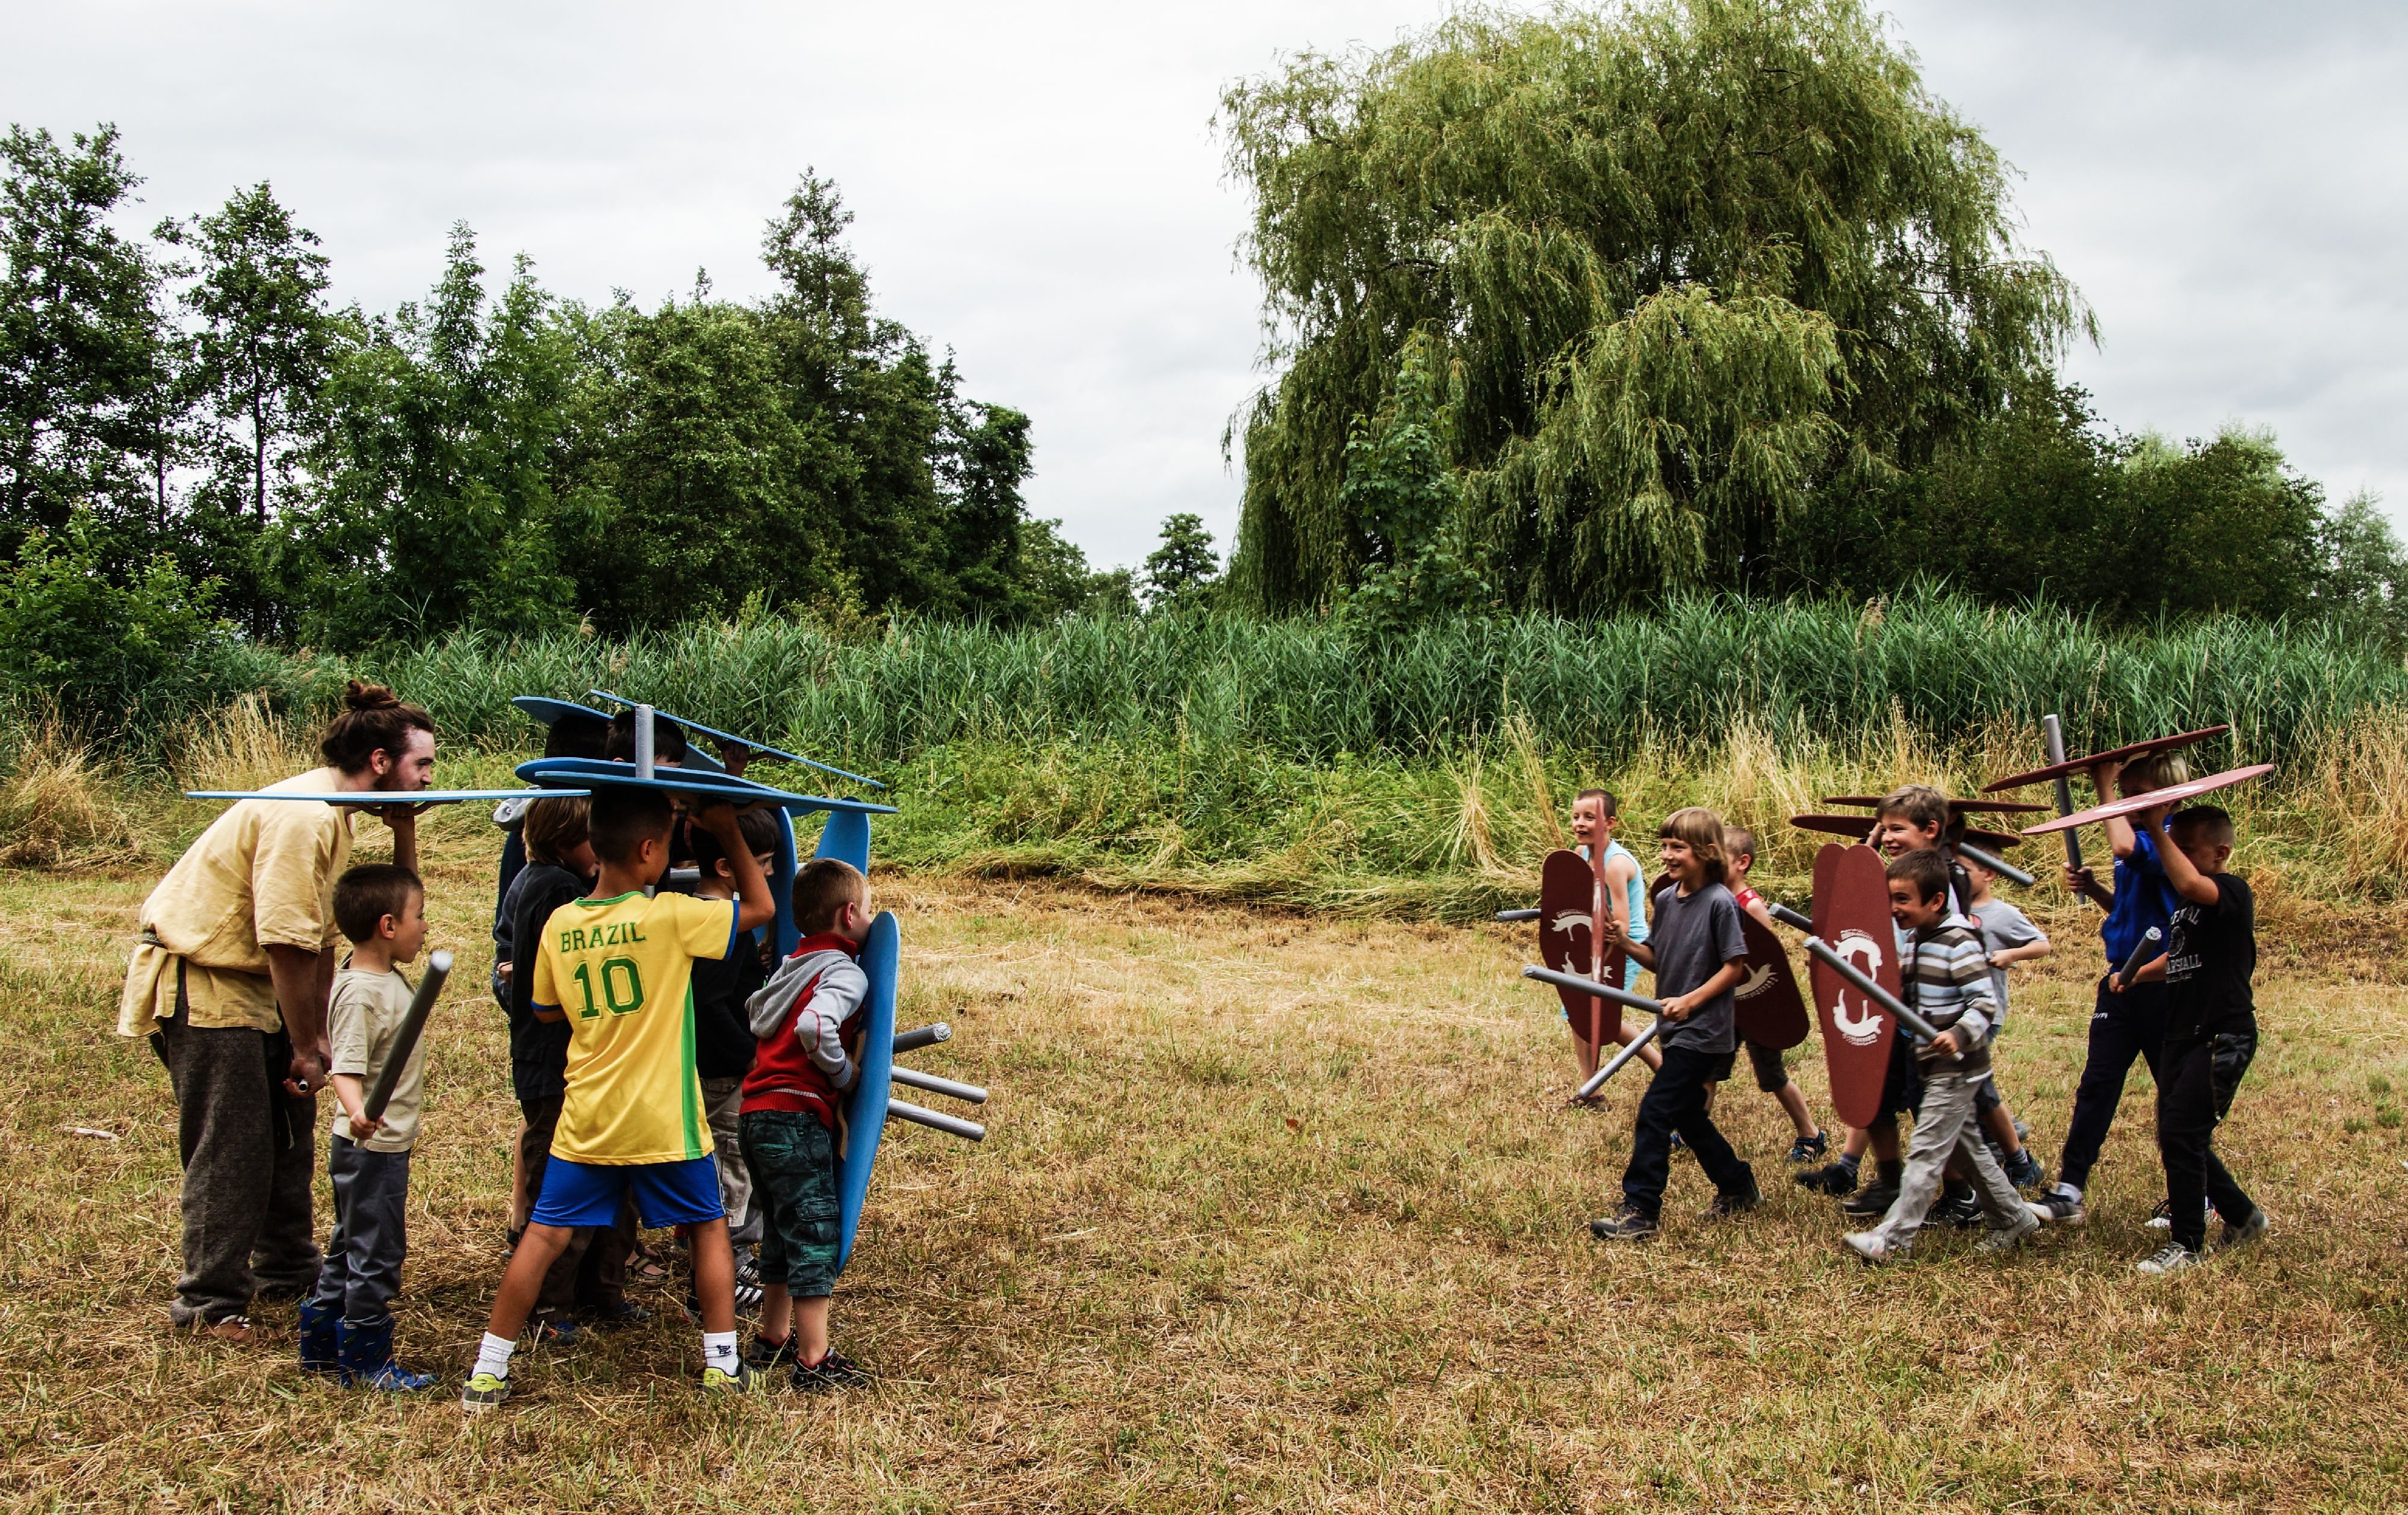 2014-07 Gaulois dans la plaine-08756